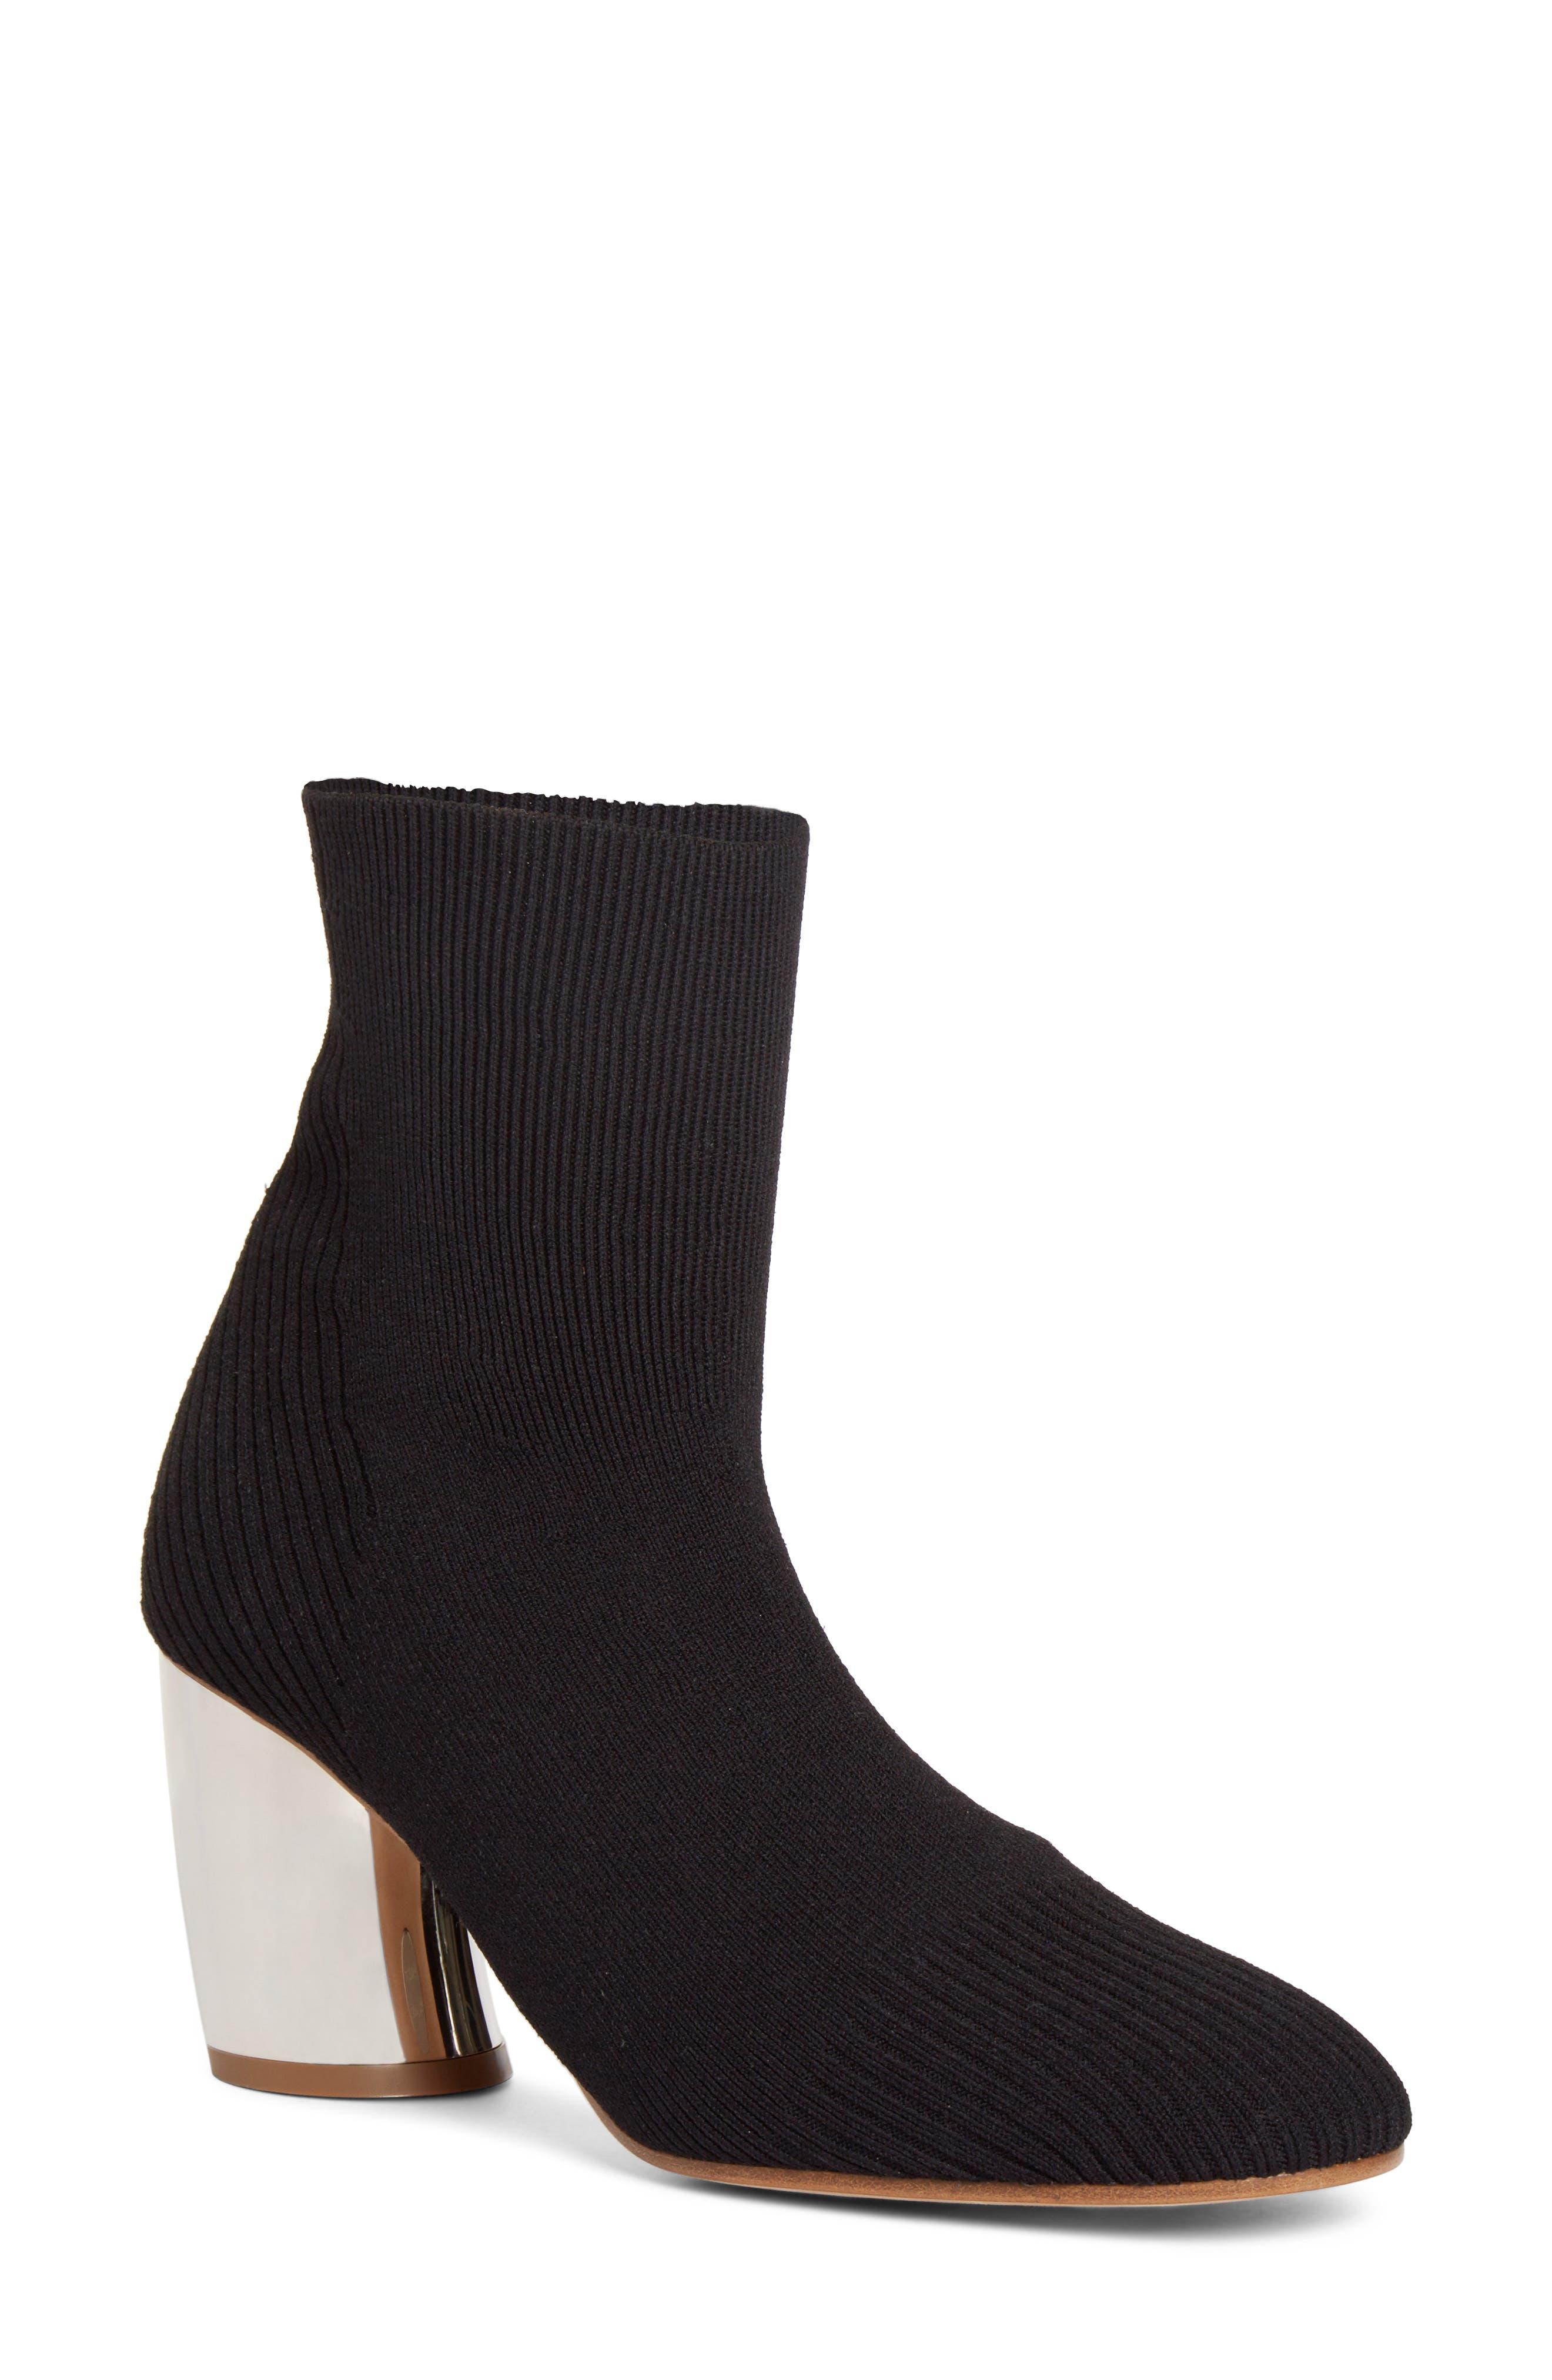 Main Image - Proenza Schouler Sock Bootie (Women)